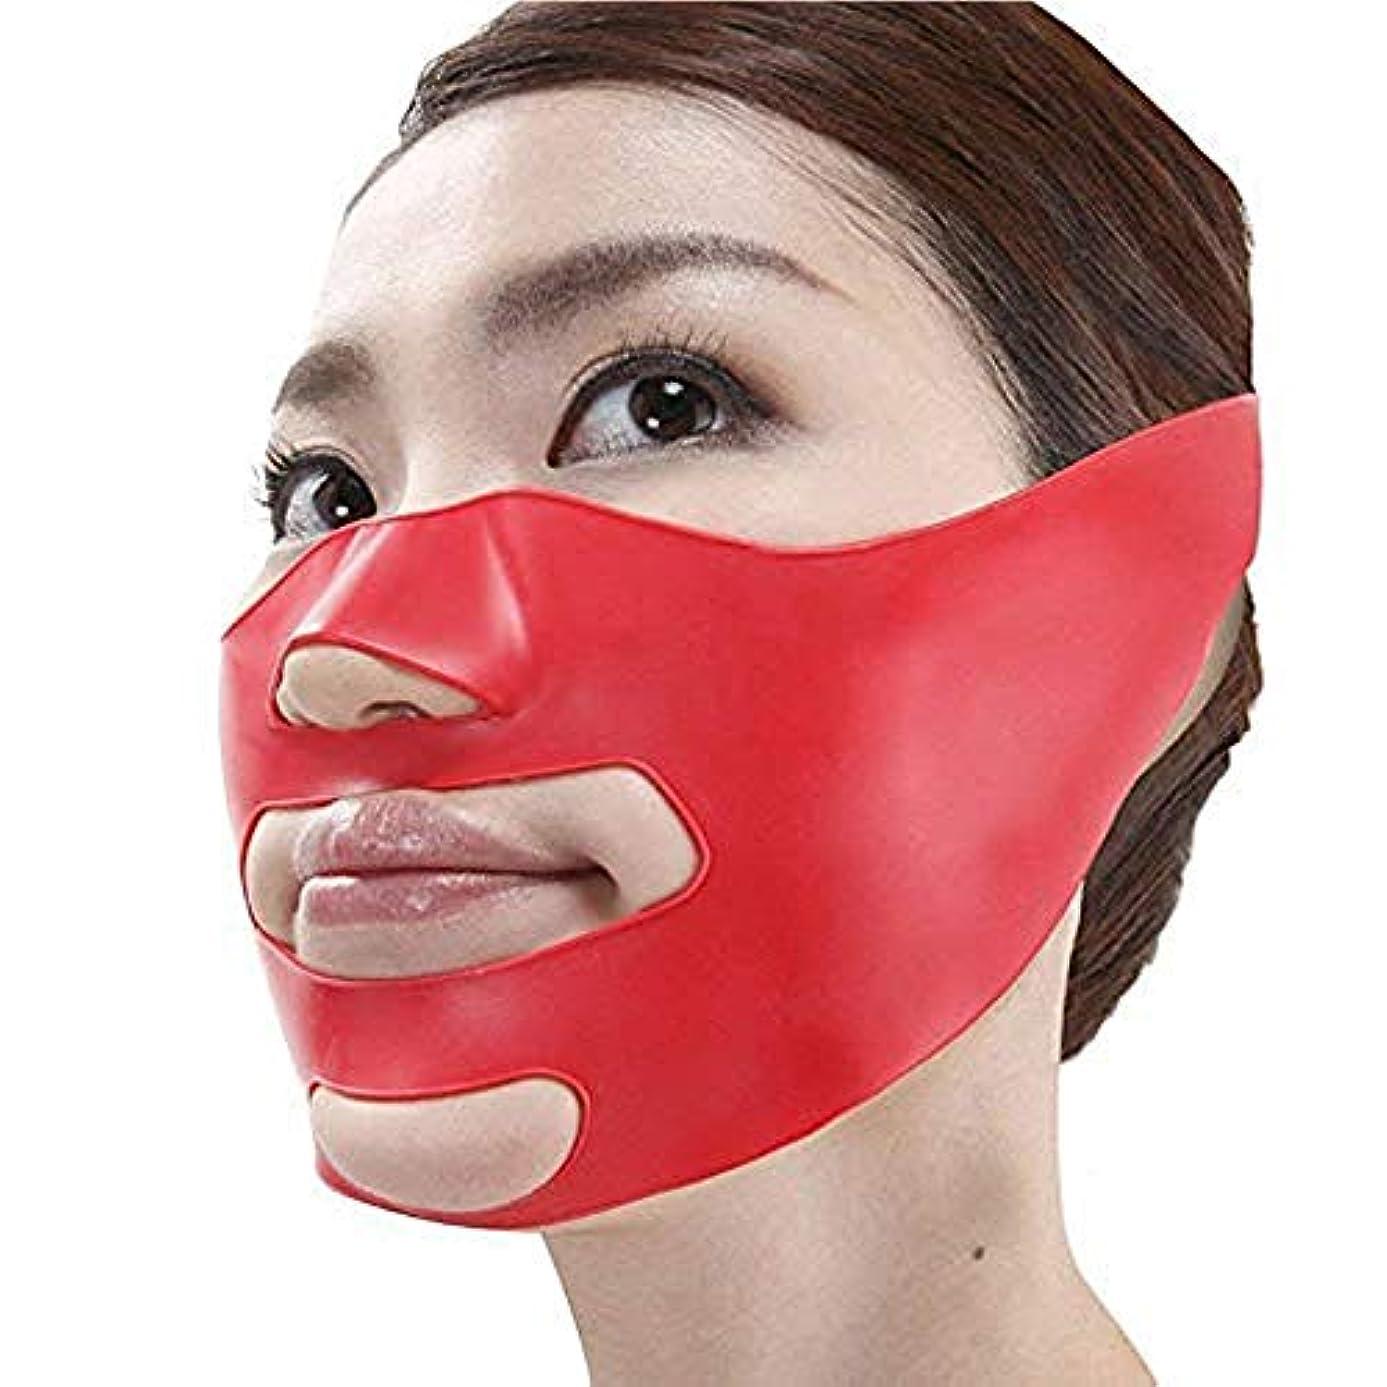 ランク不正直補うLindexs 小顔矯正 マスク 小顔補正ベルト ほうれい線 3Dエクササイズマスク リフトスリムマスク 抗シワ サウナマスク 法令線予防 美容グッ (フリーサイズ)